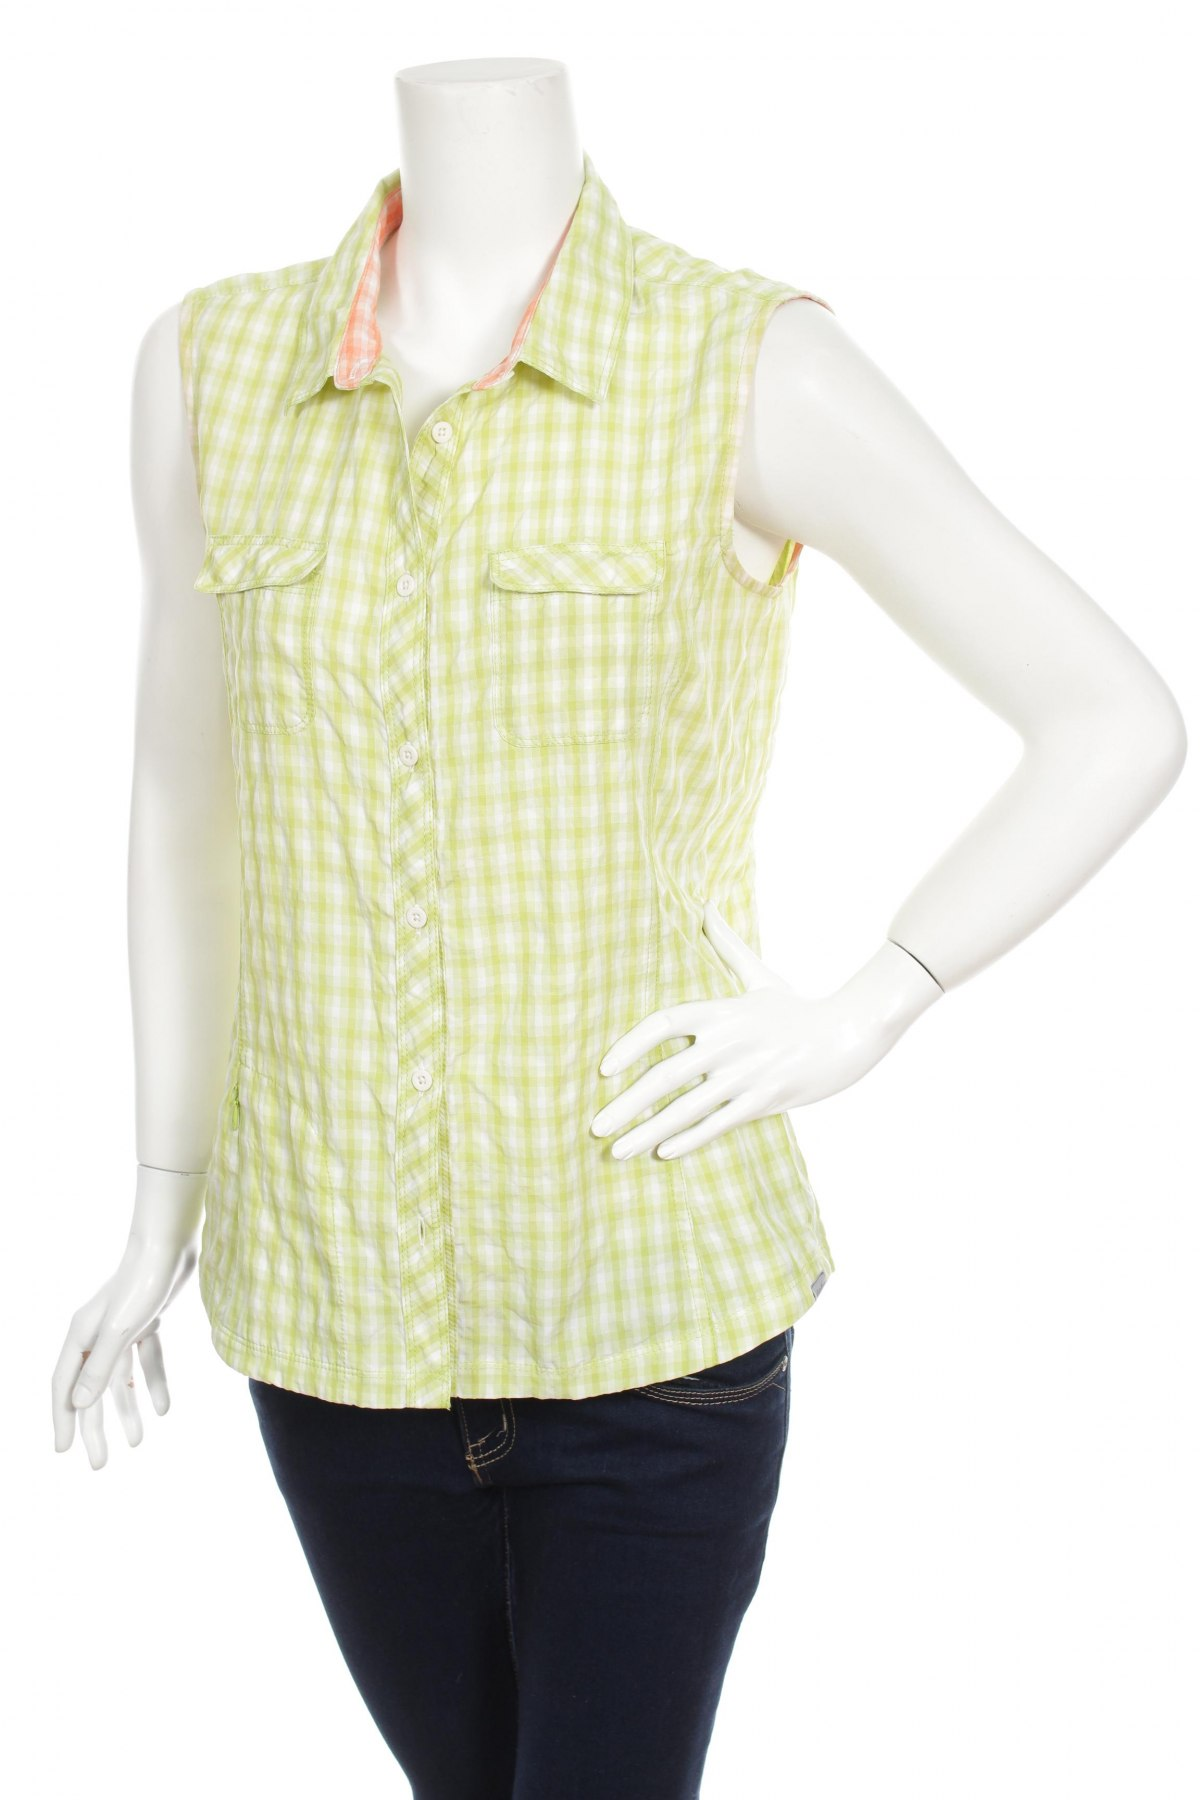 Γυναικείο πουκάμισο Eddie Bauer